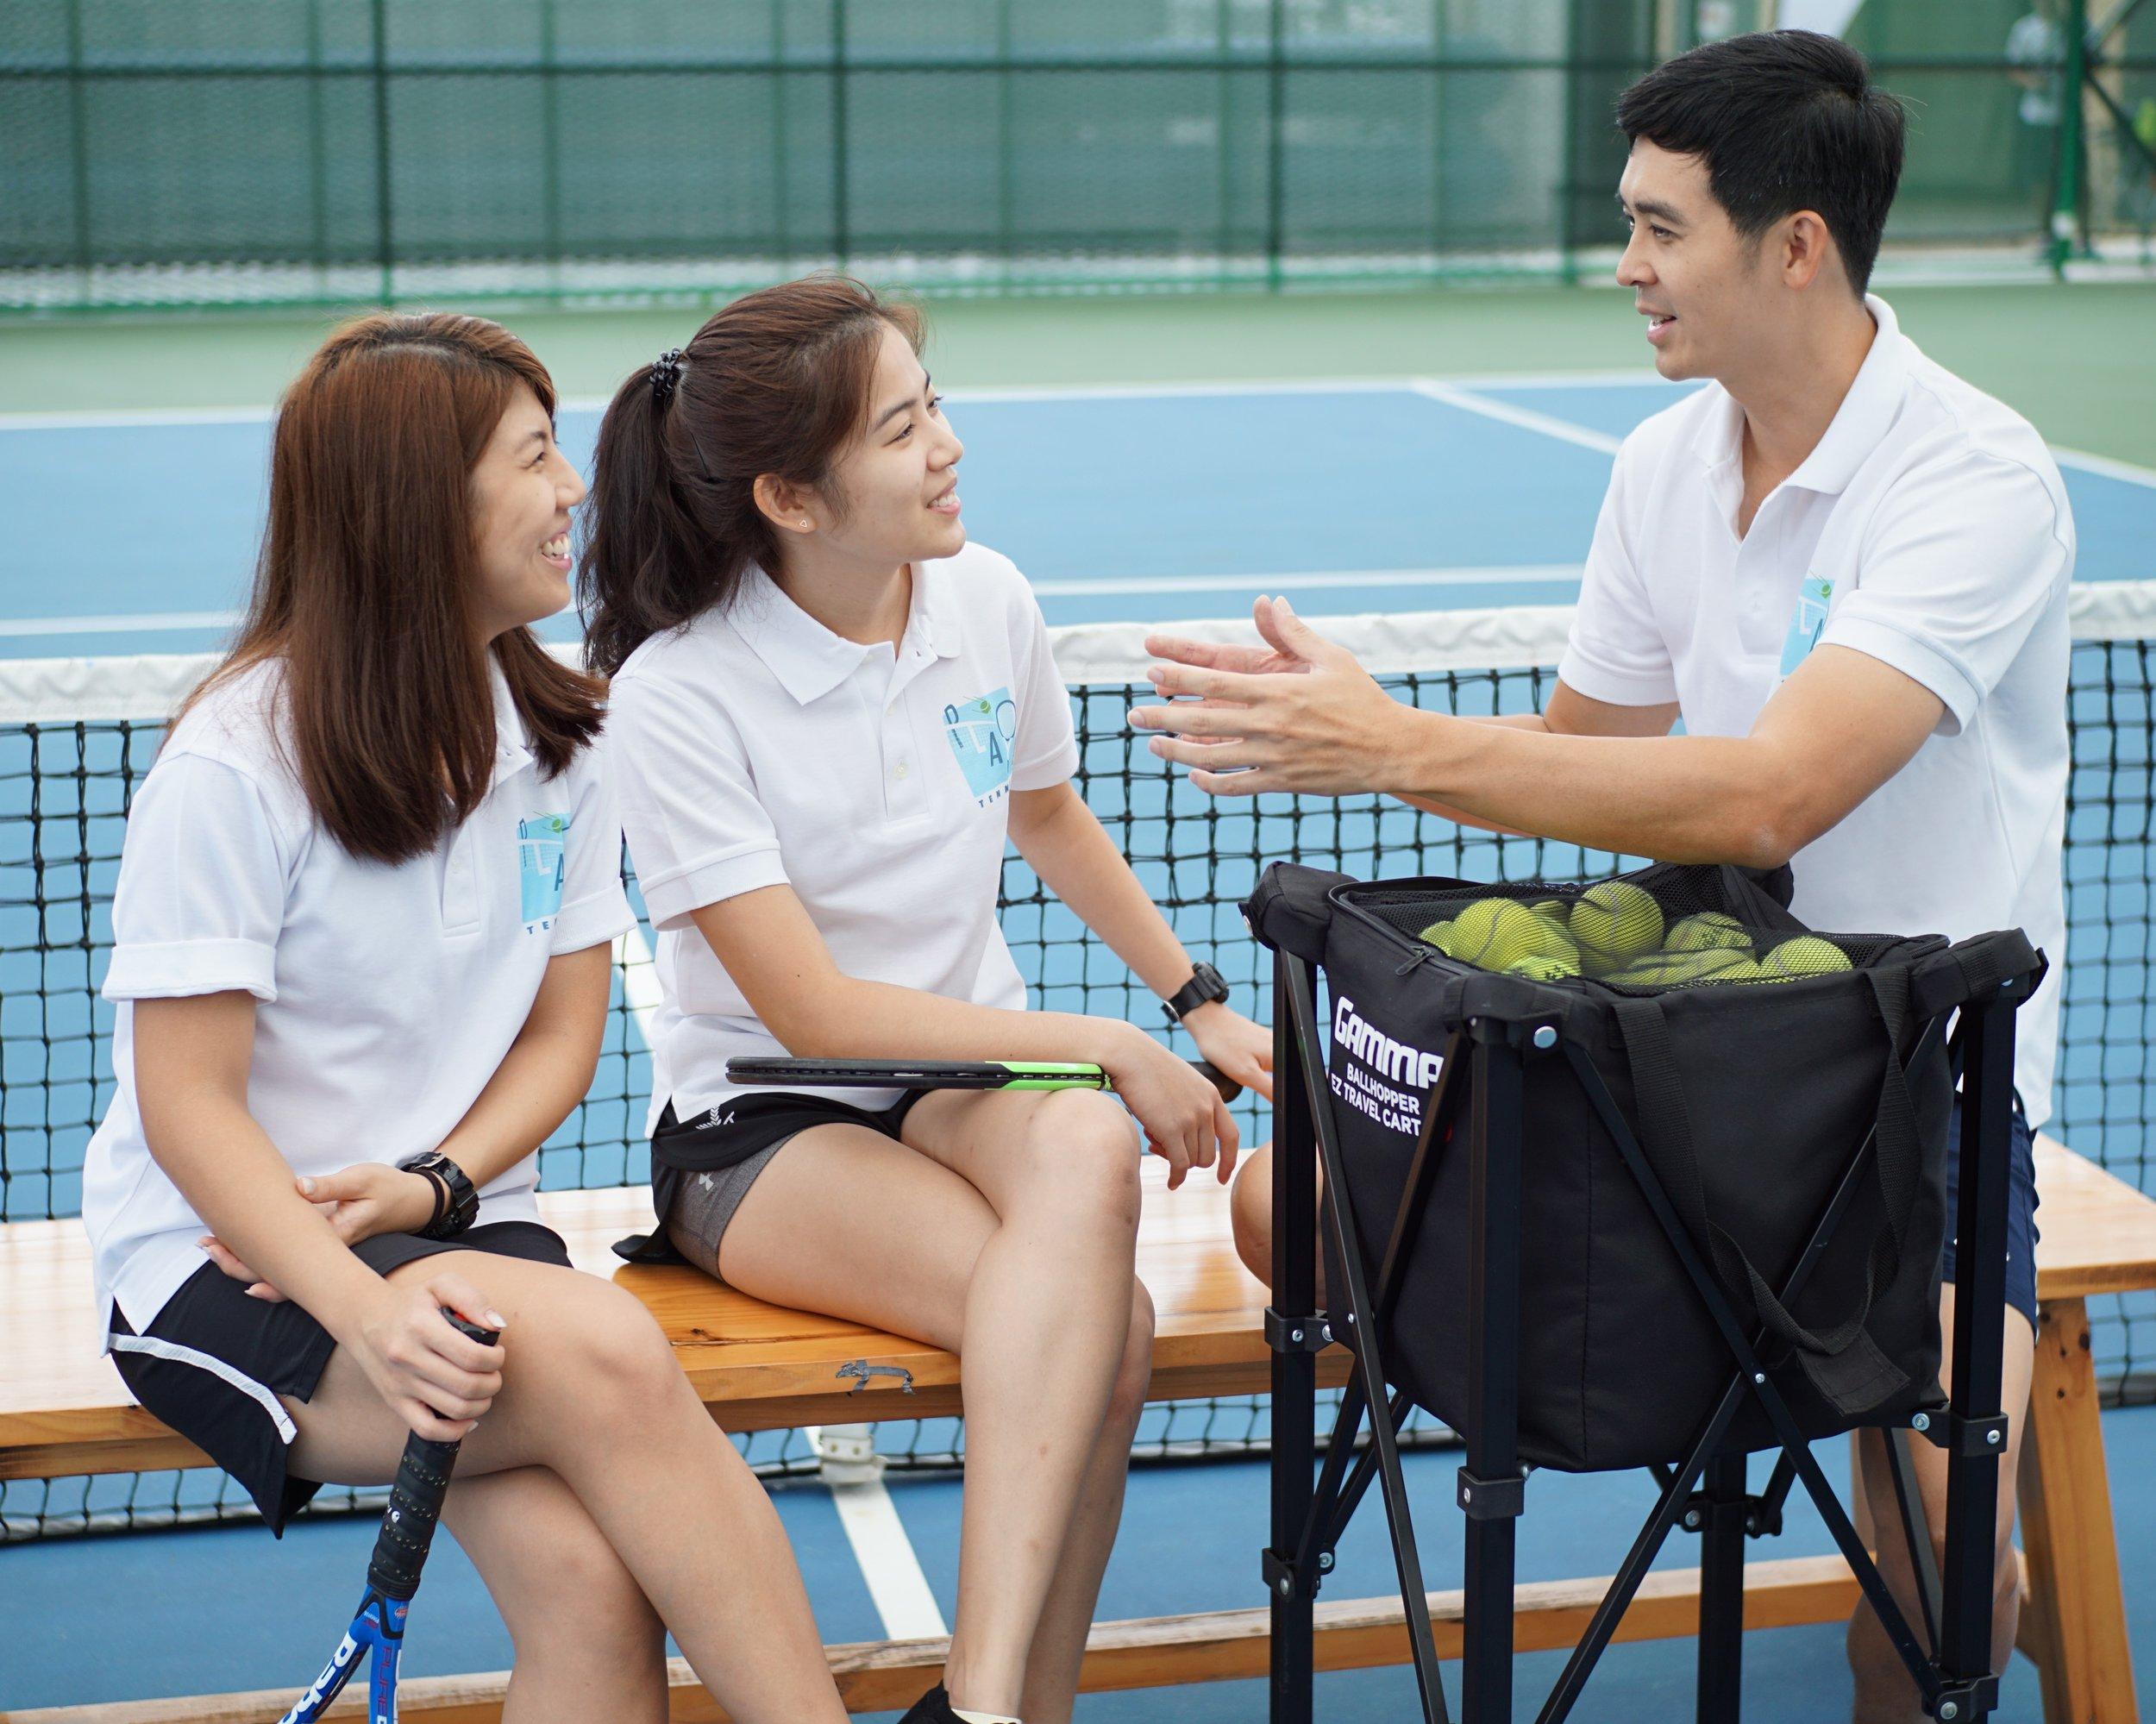 Play Tennis Lesson Coach Management Team.jpg